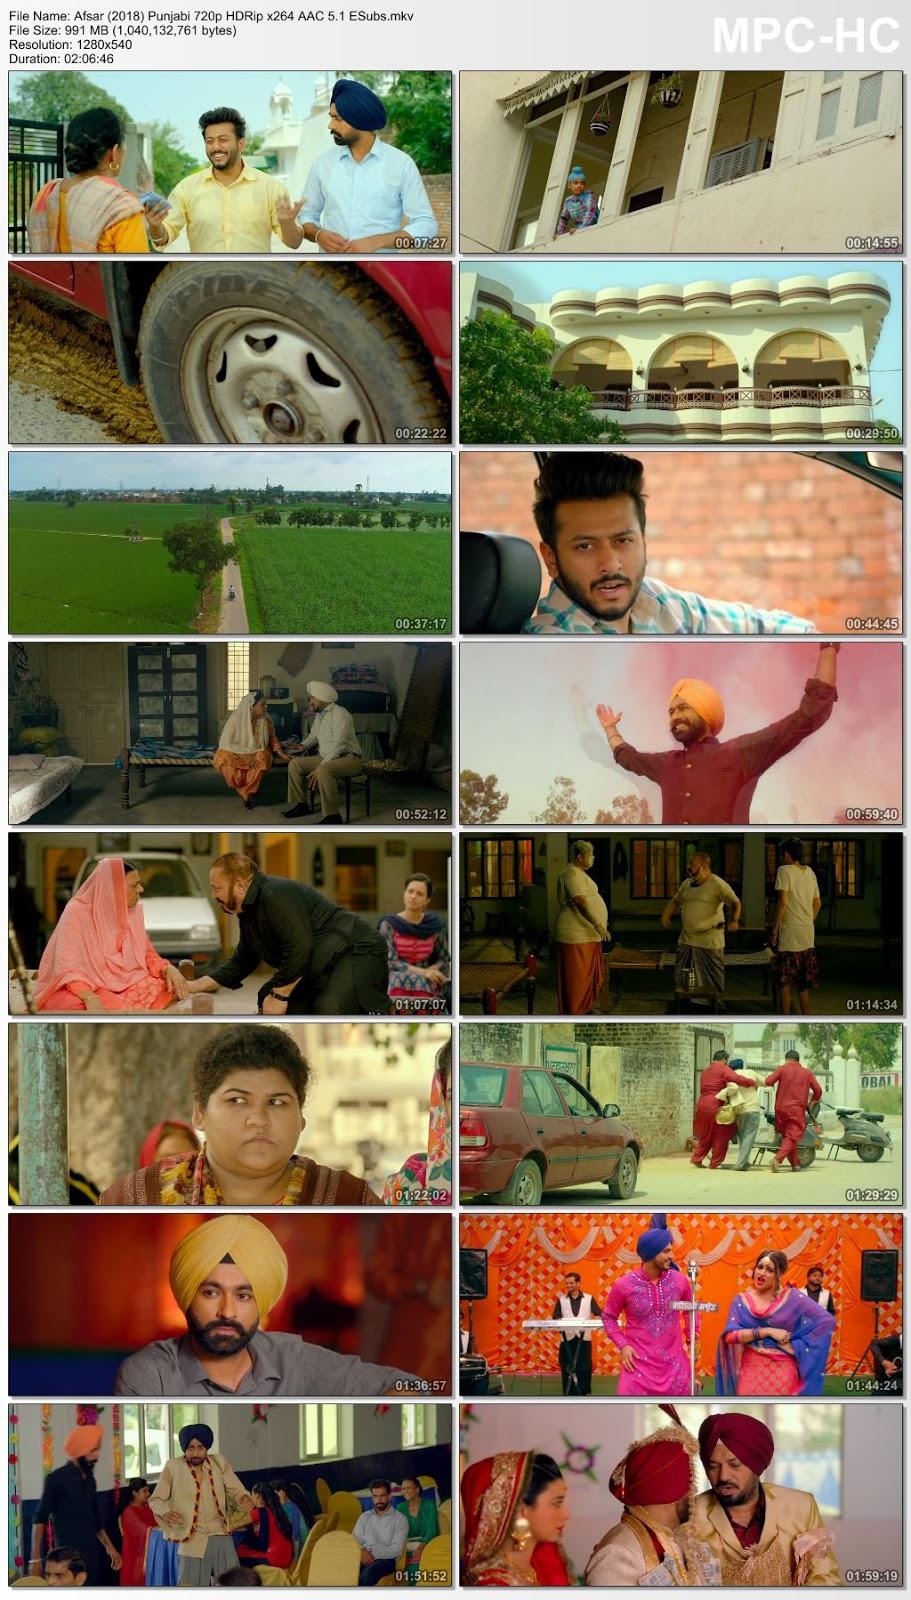 Afsar (2018) Punjabi 720p HDRip x264 AAC 5.1 ESubs – 990MB Desirehub